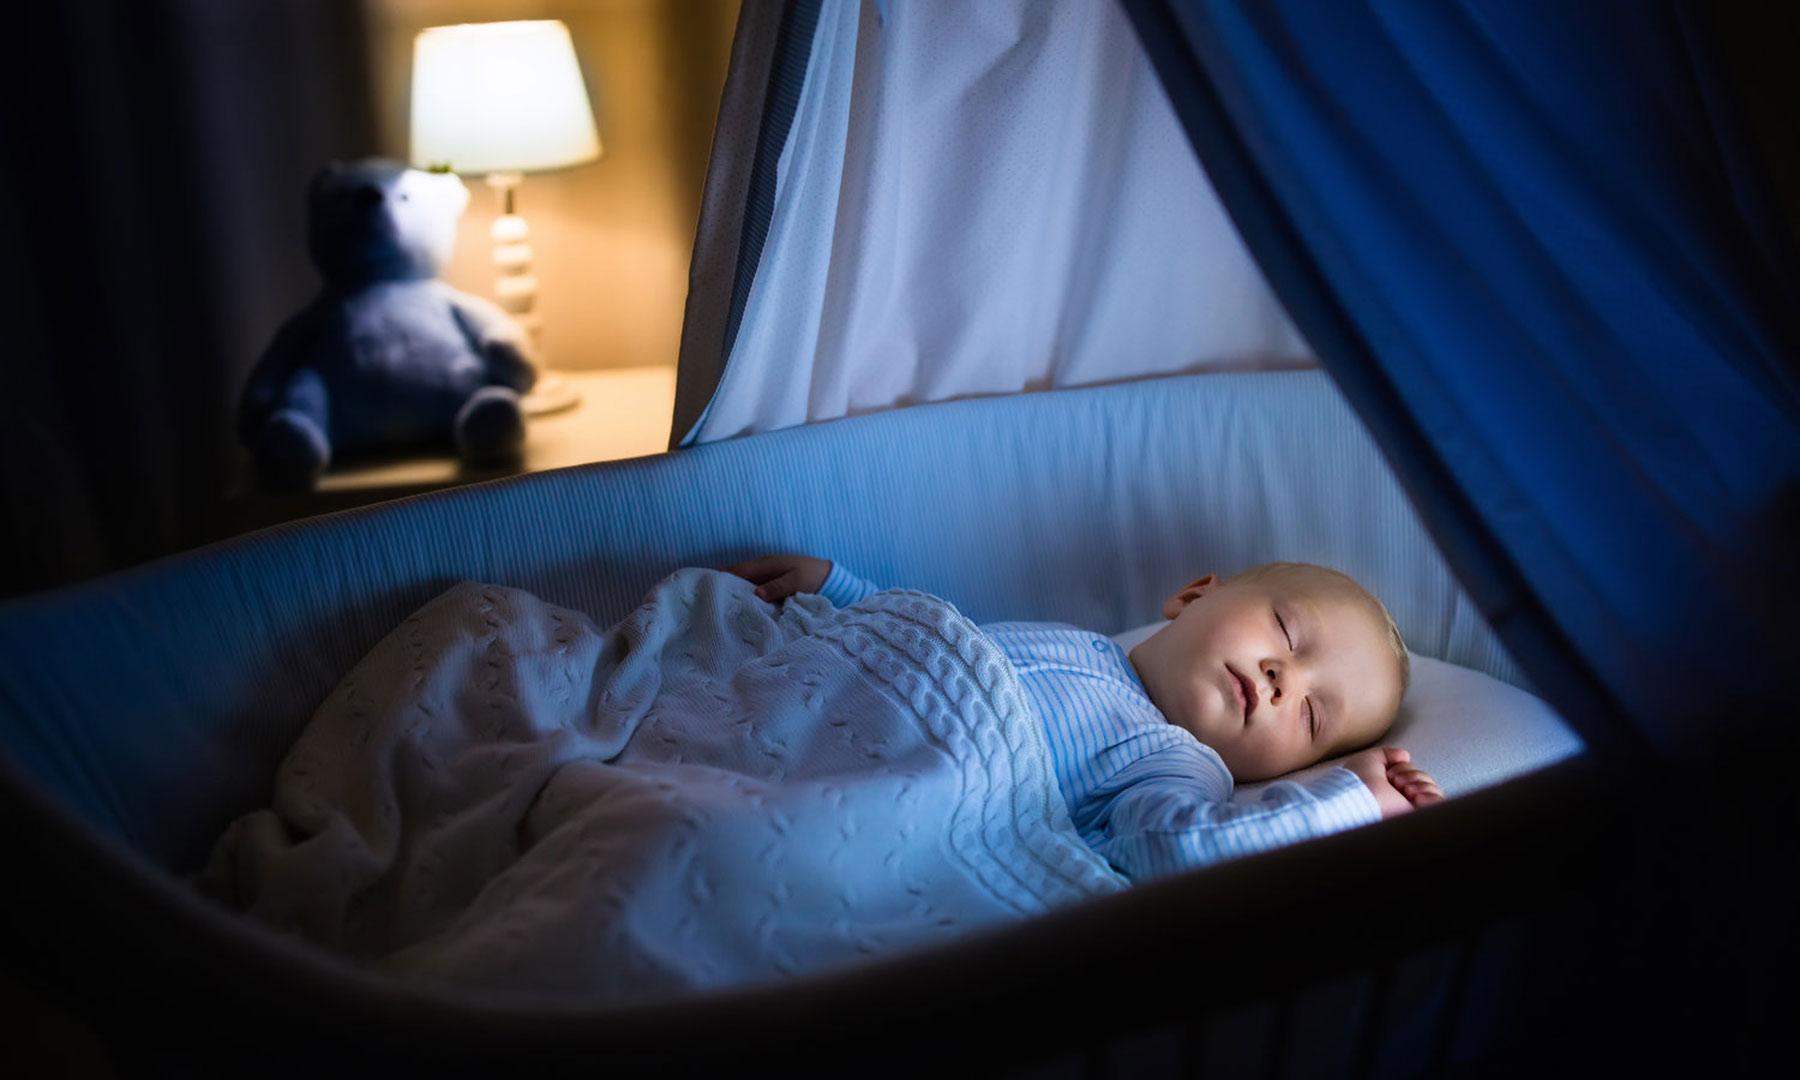 Приглушенный свет для благоприятного сна важен